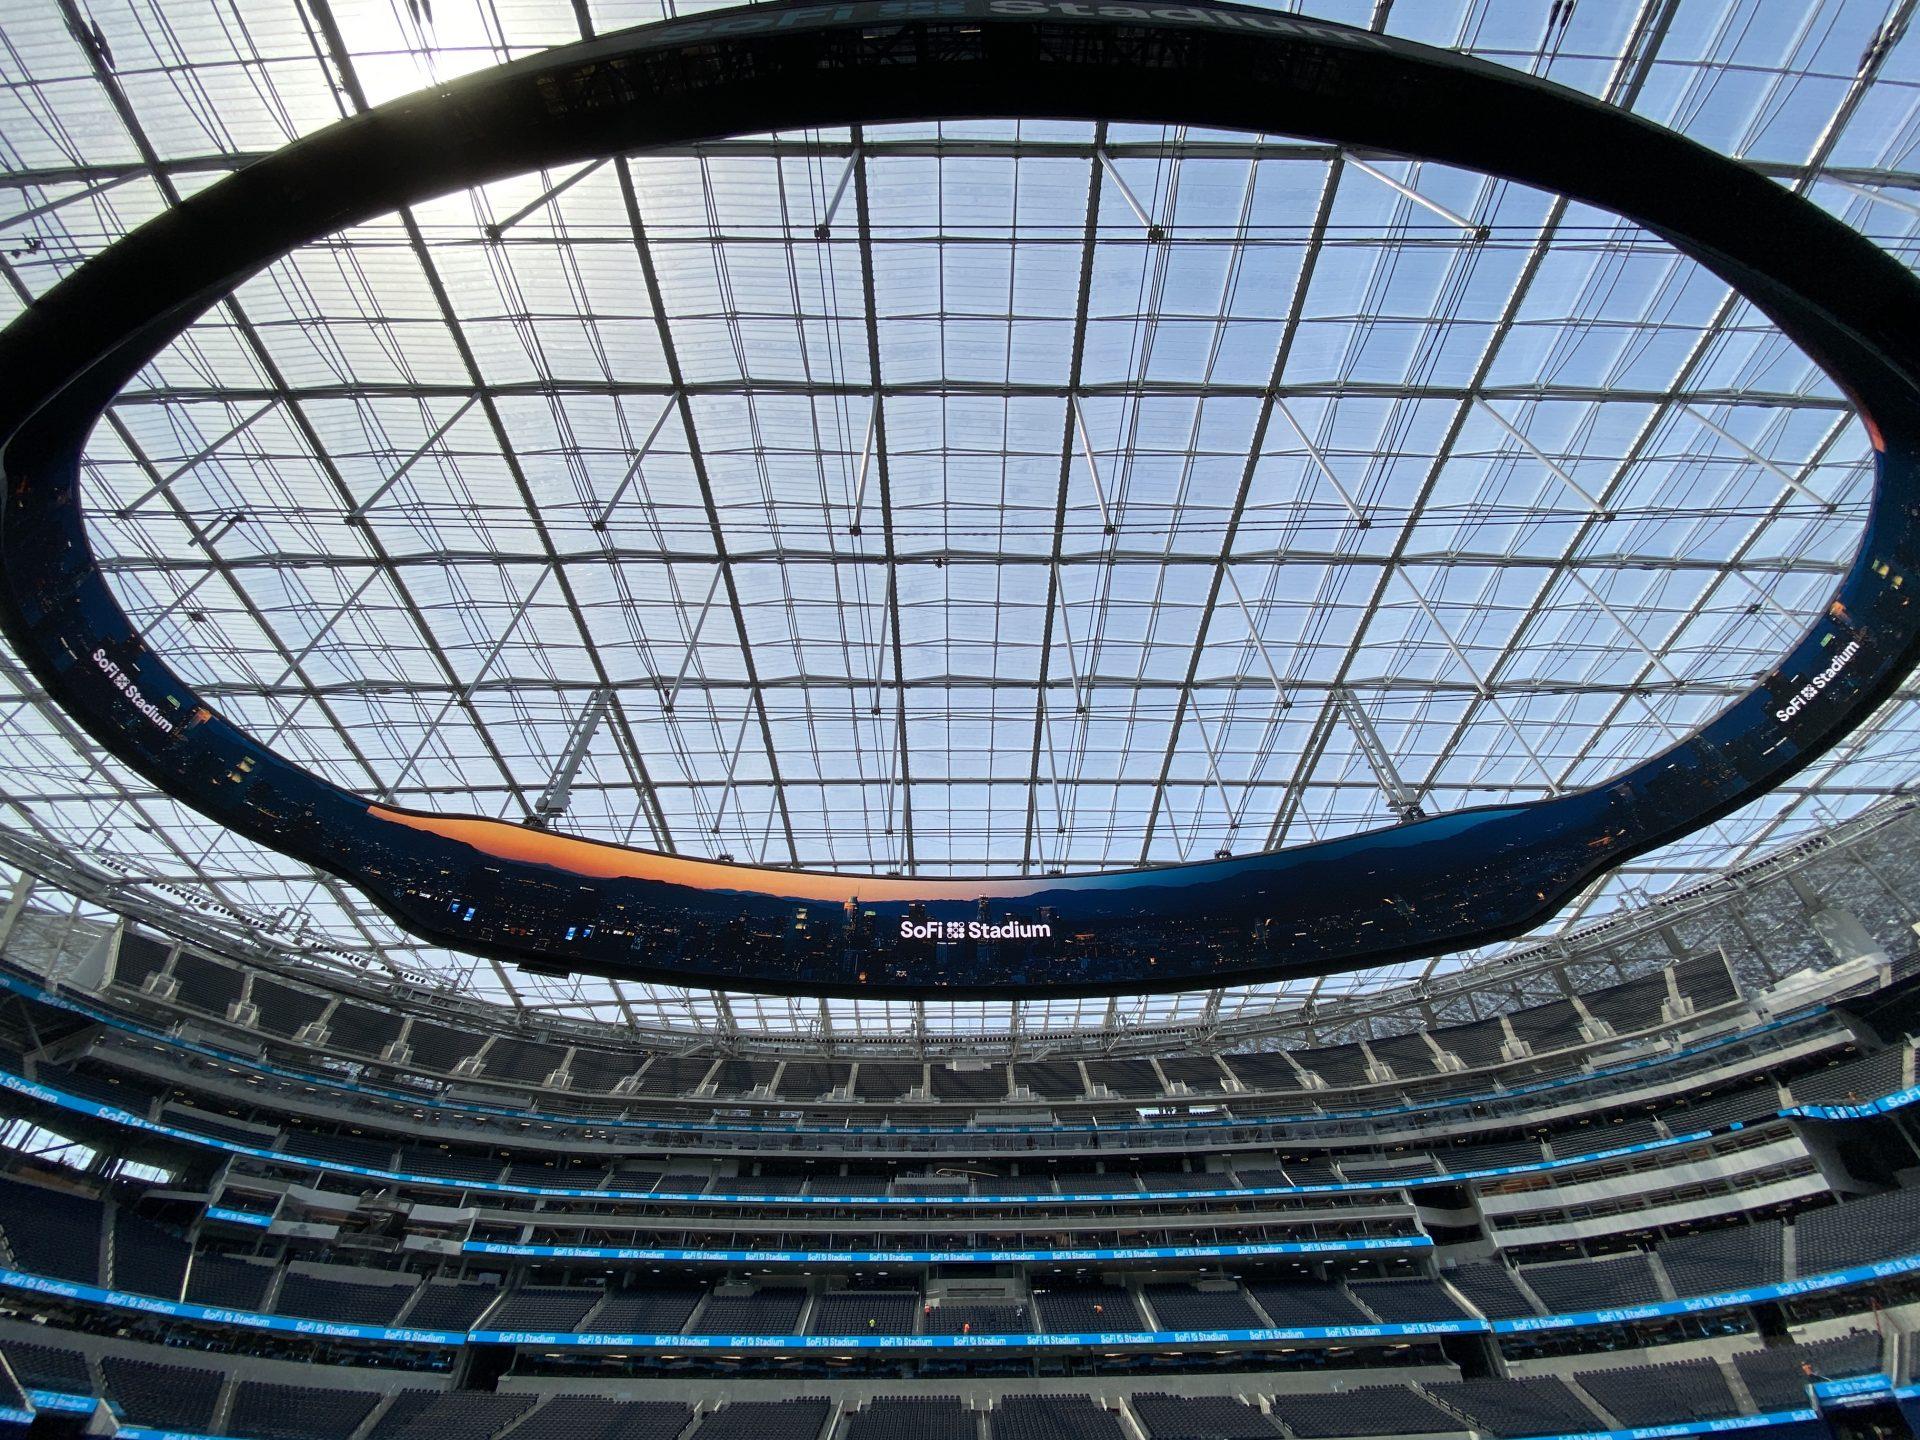 SoFi Stadium Oculus